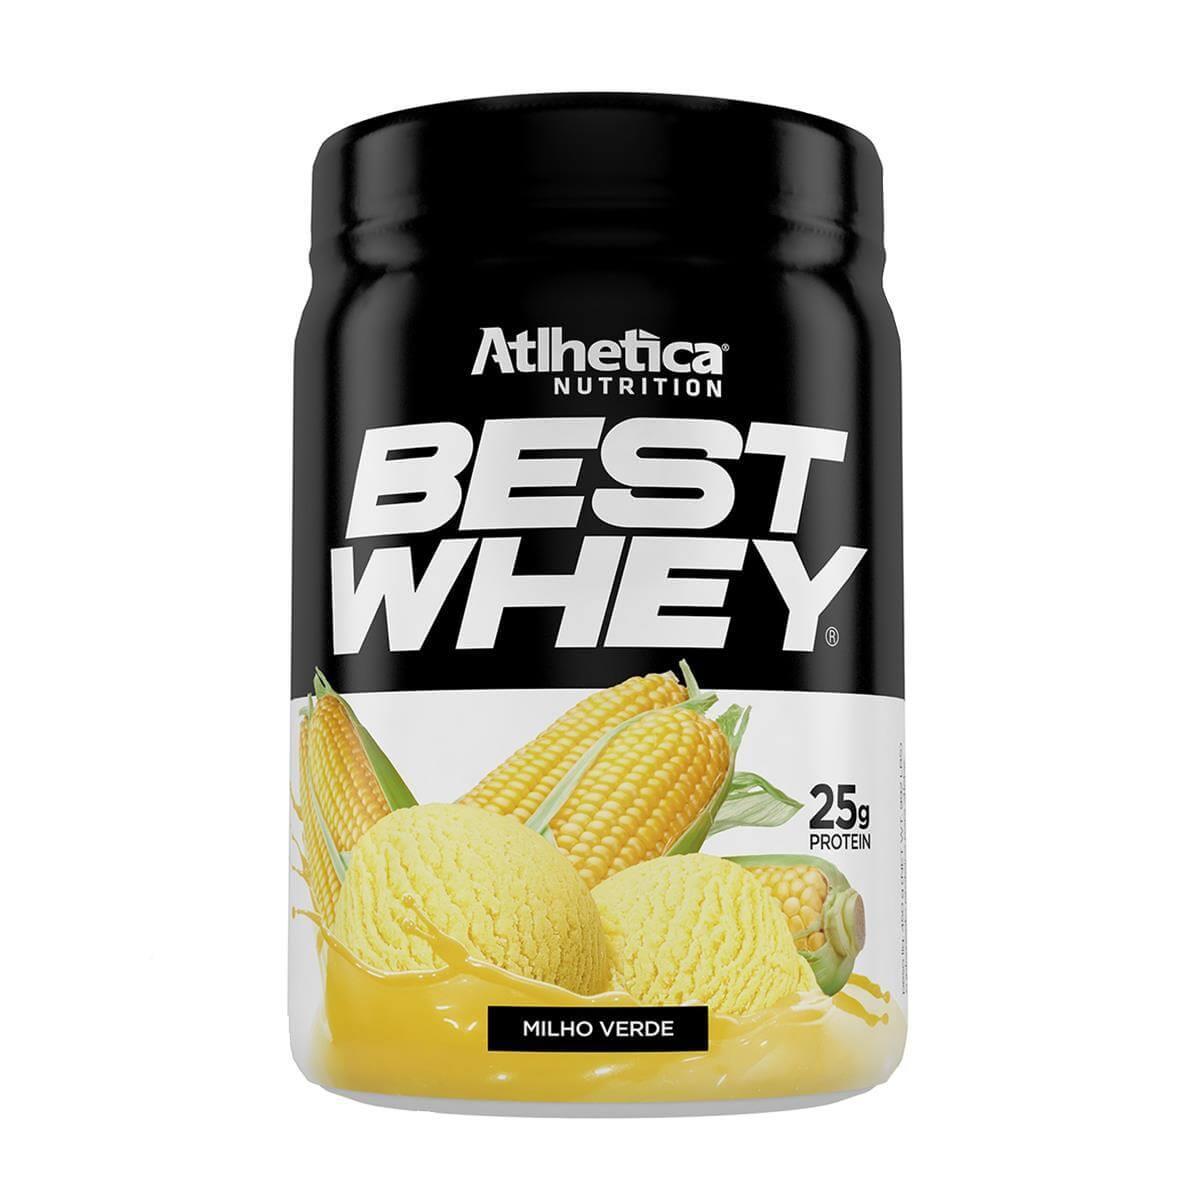 BEST WHEY (450g) - Milho verde - Atlhetica Nutrition